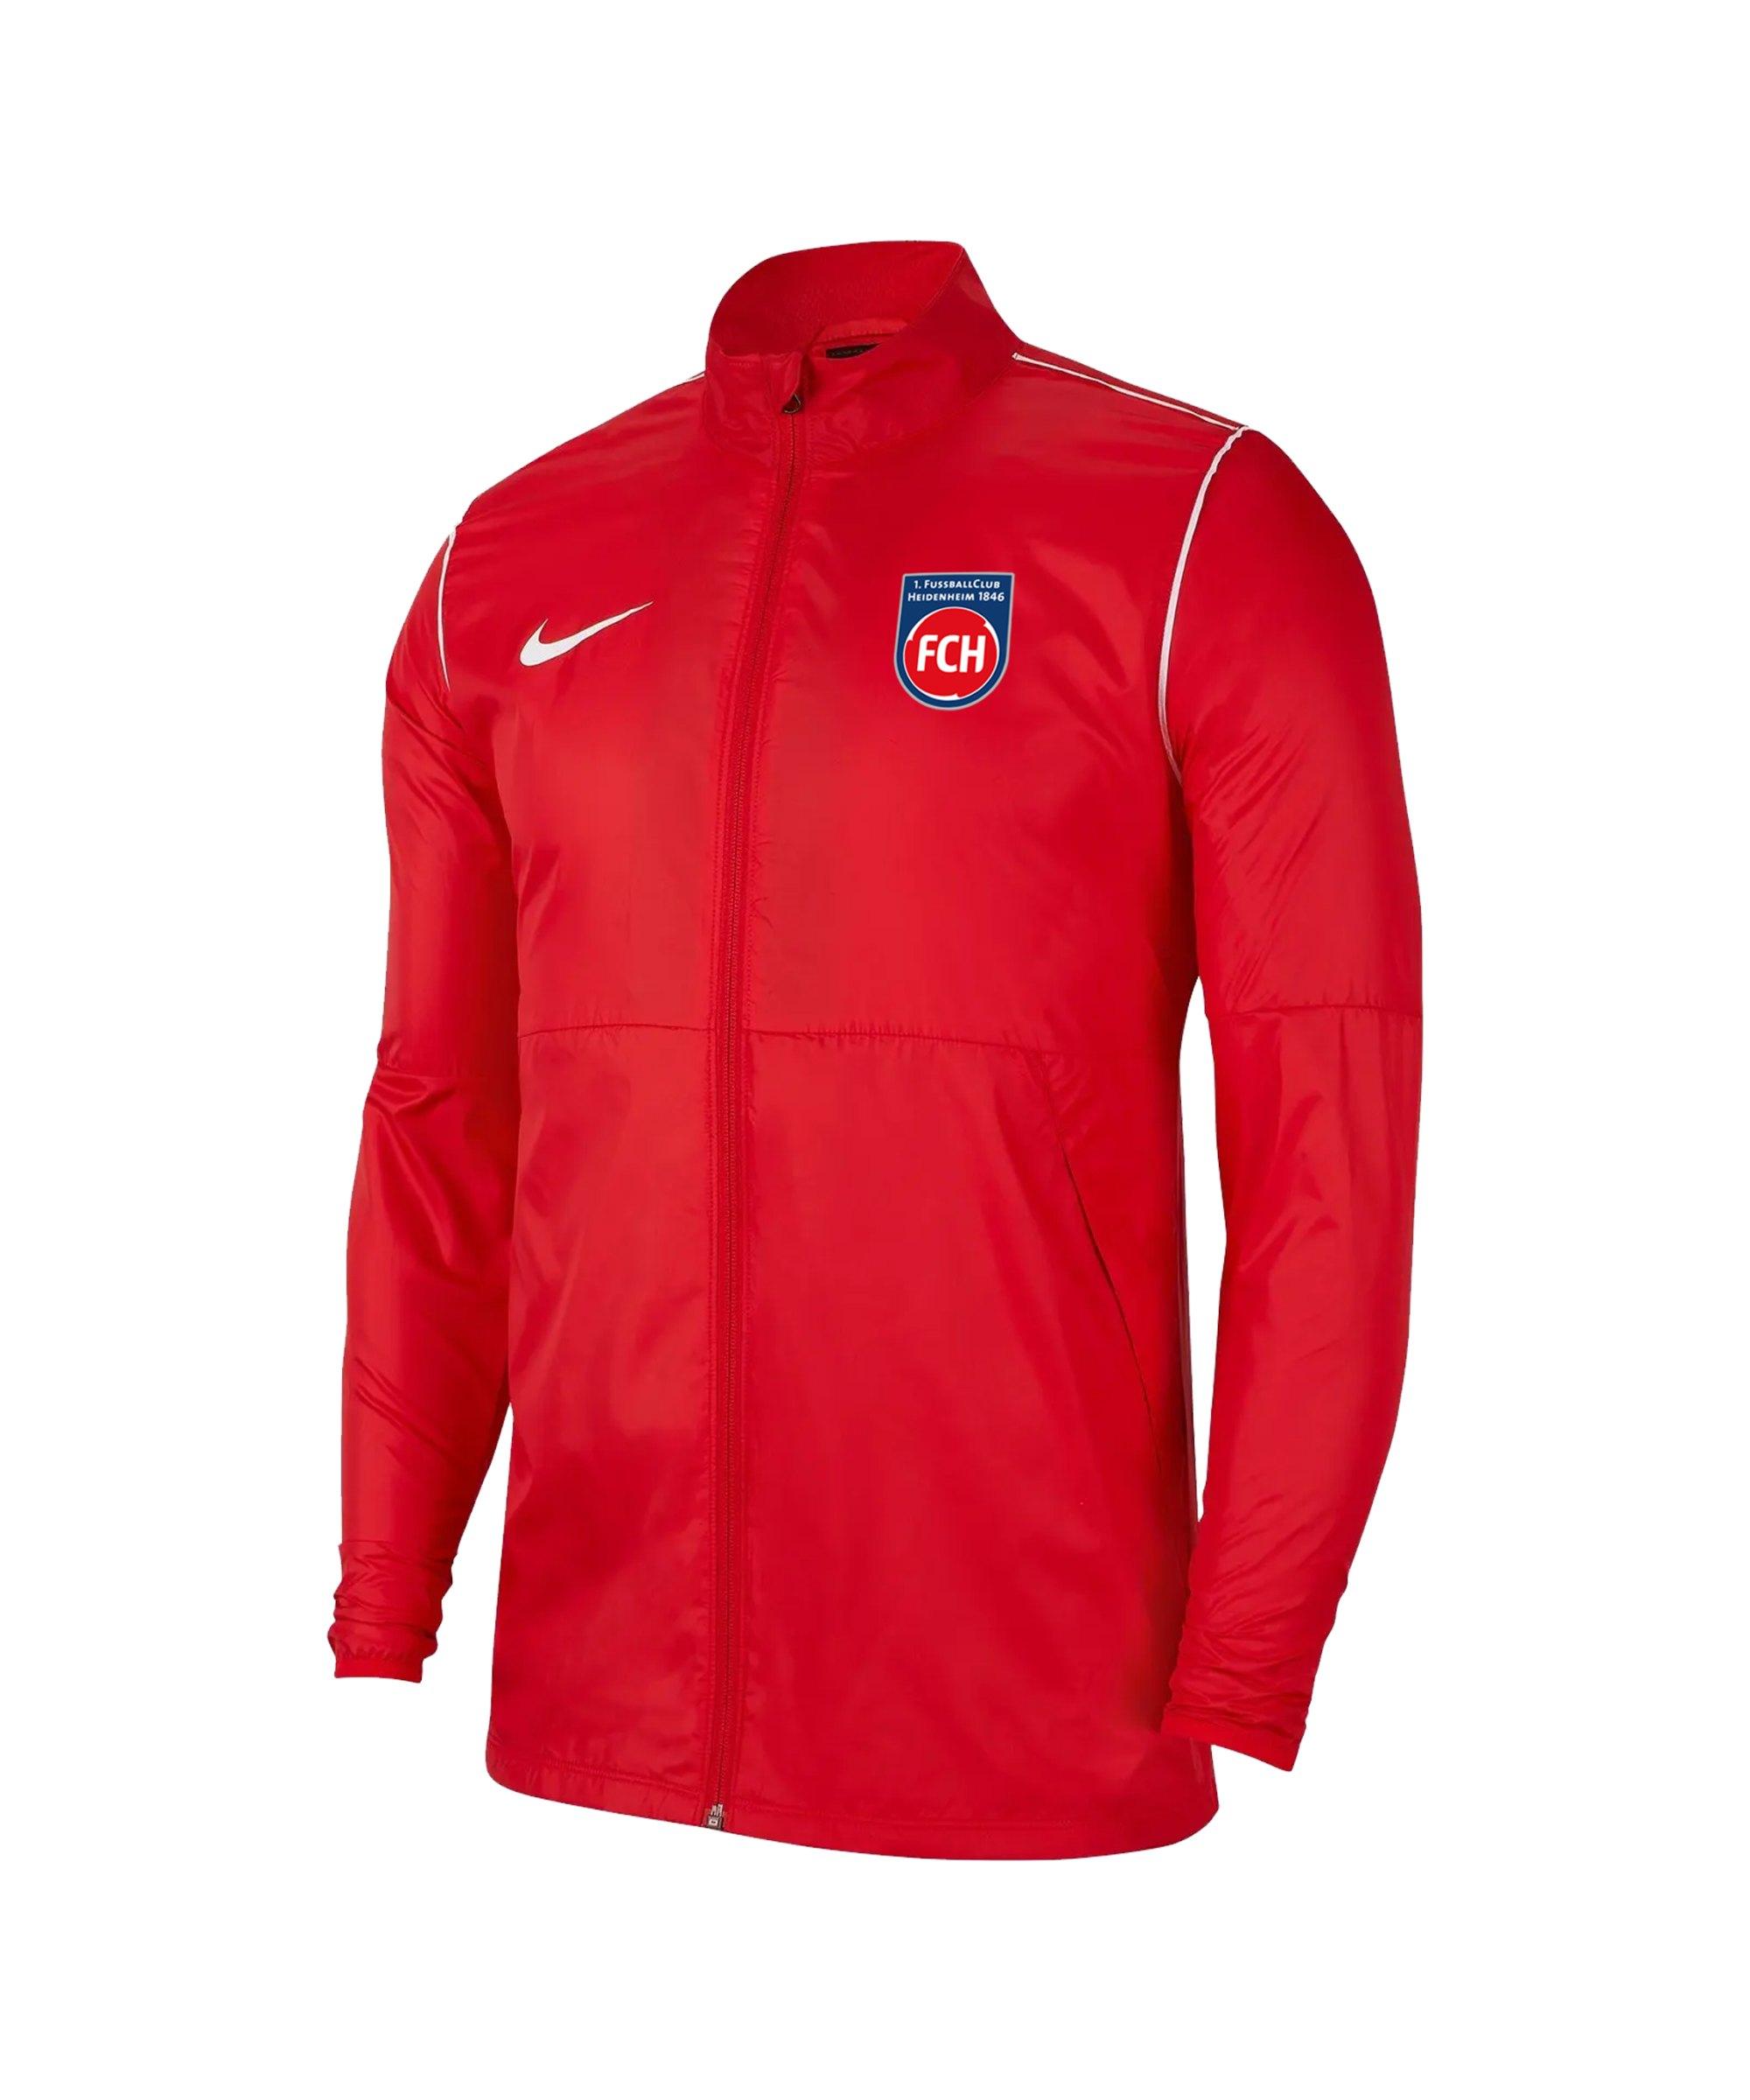 Nike 1. FC Heidenheim Repel Regenjacke Kids F657 - rot